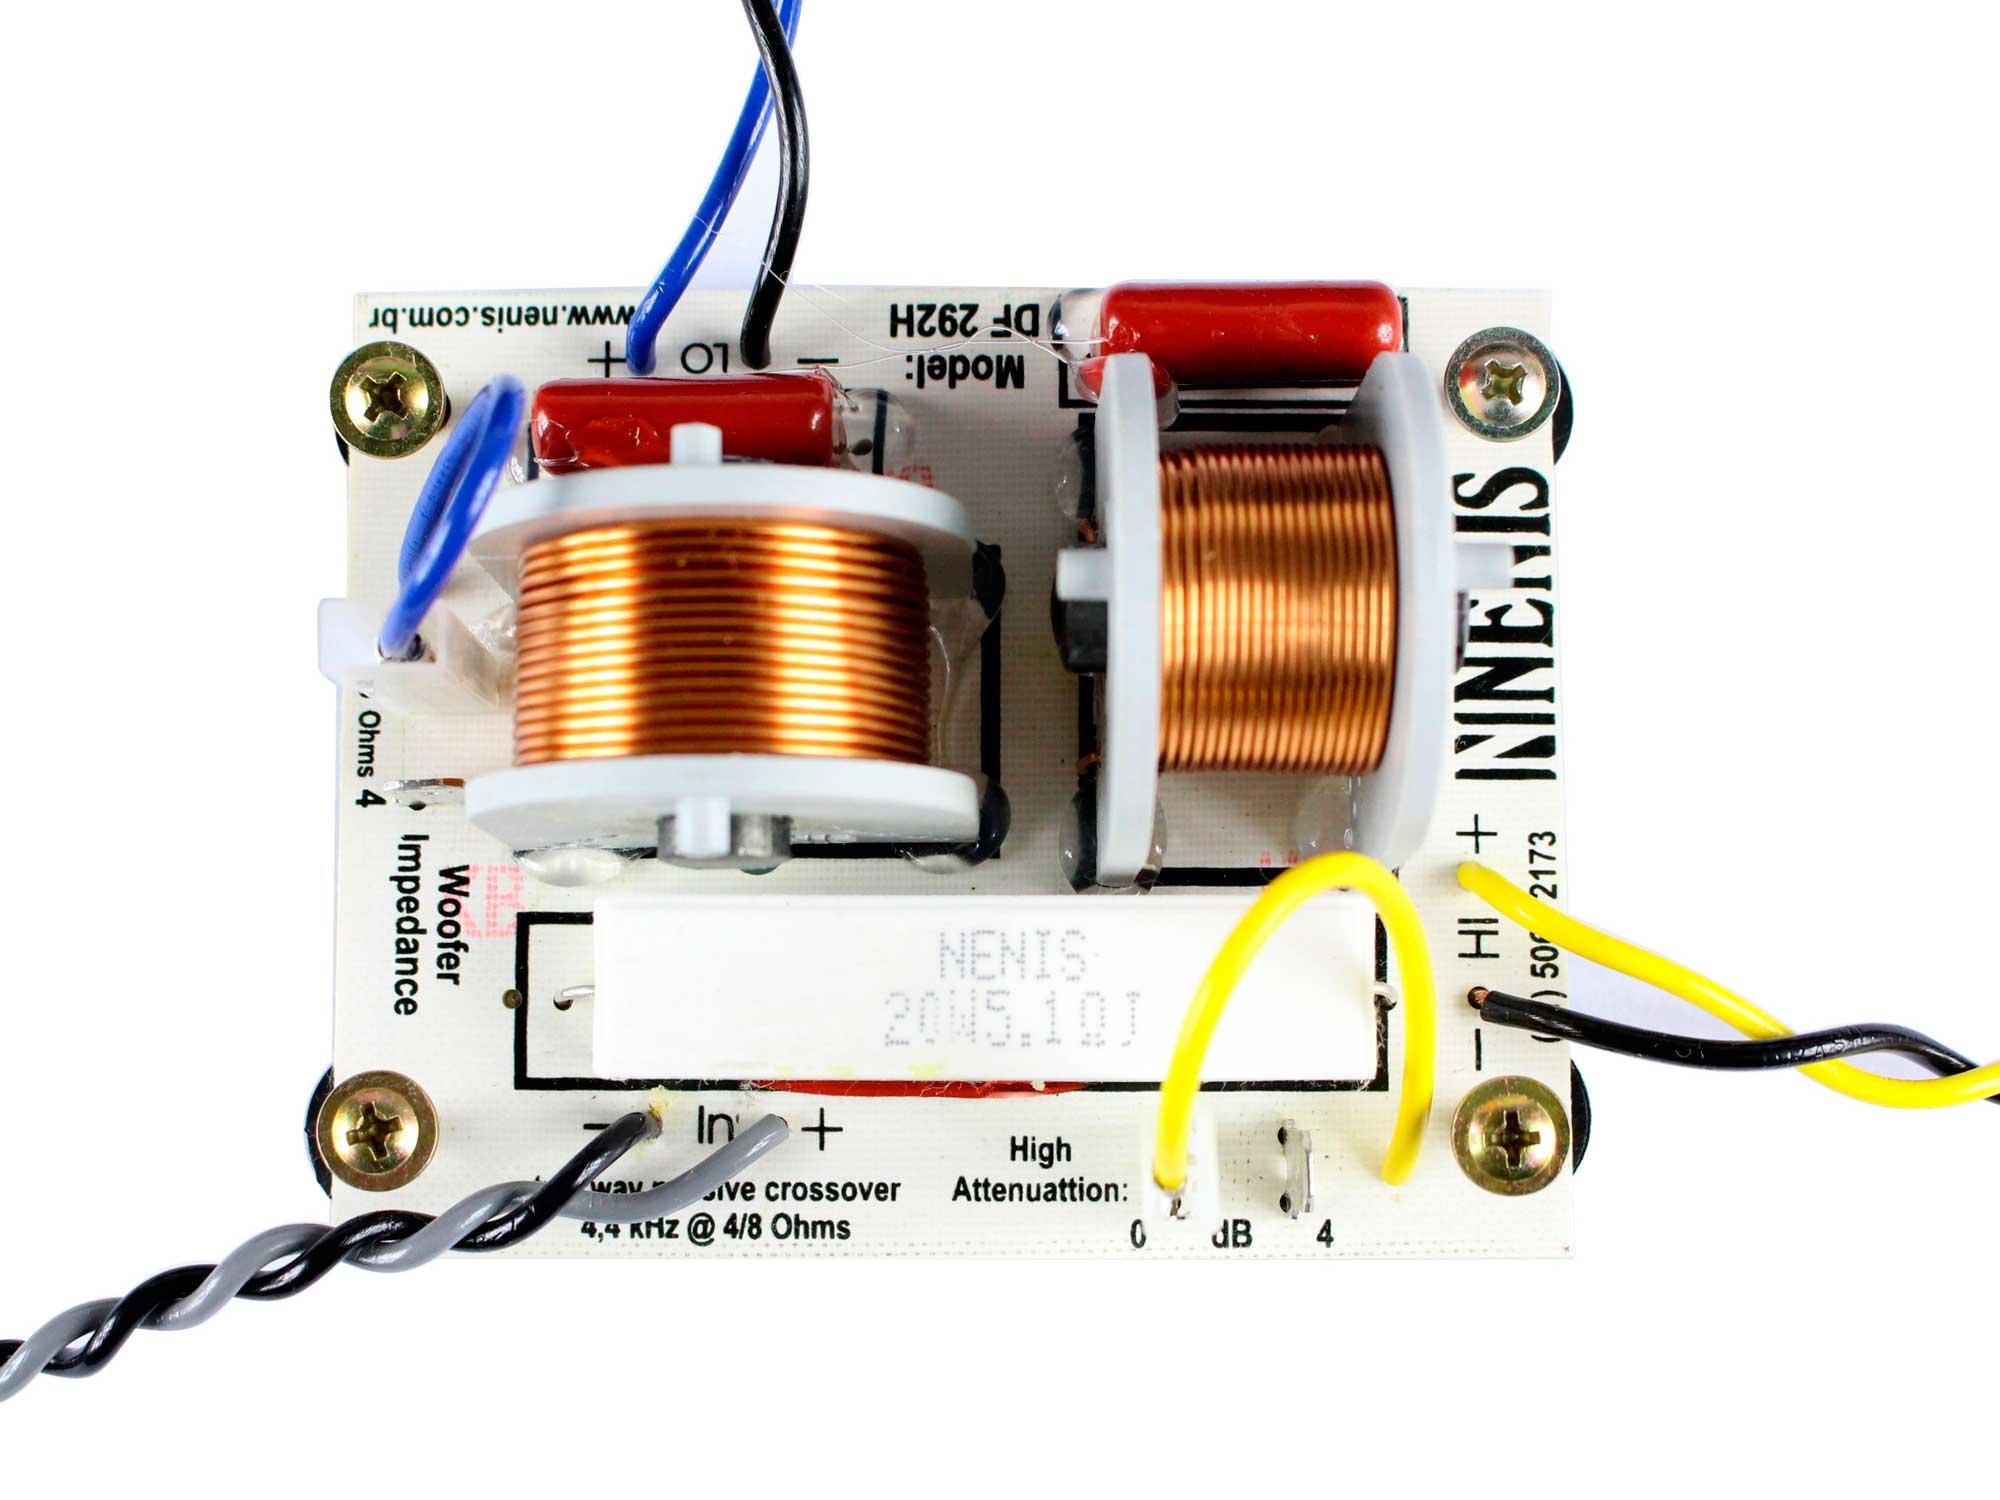 Divisor de Frequência Passivo 2 vias | 1 ou 2 Alto Falantes + 1 Tweeter  de até 290W RMS | DF292H | Nenis